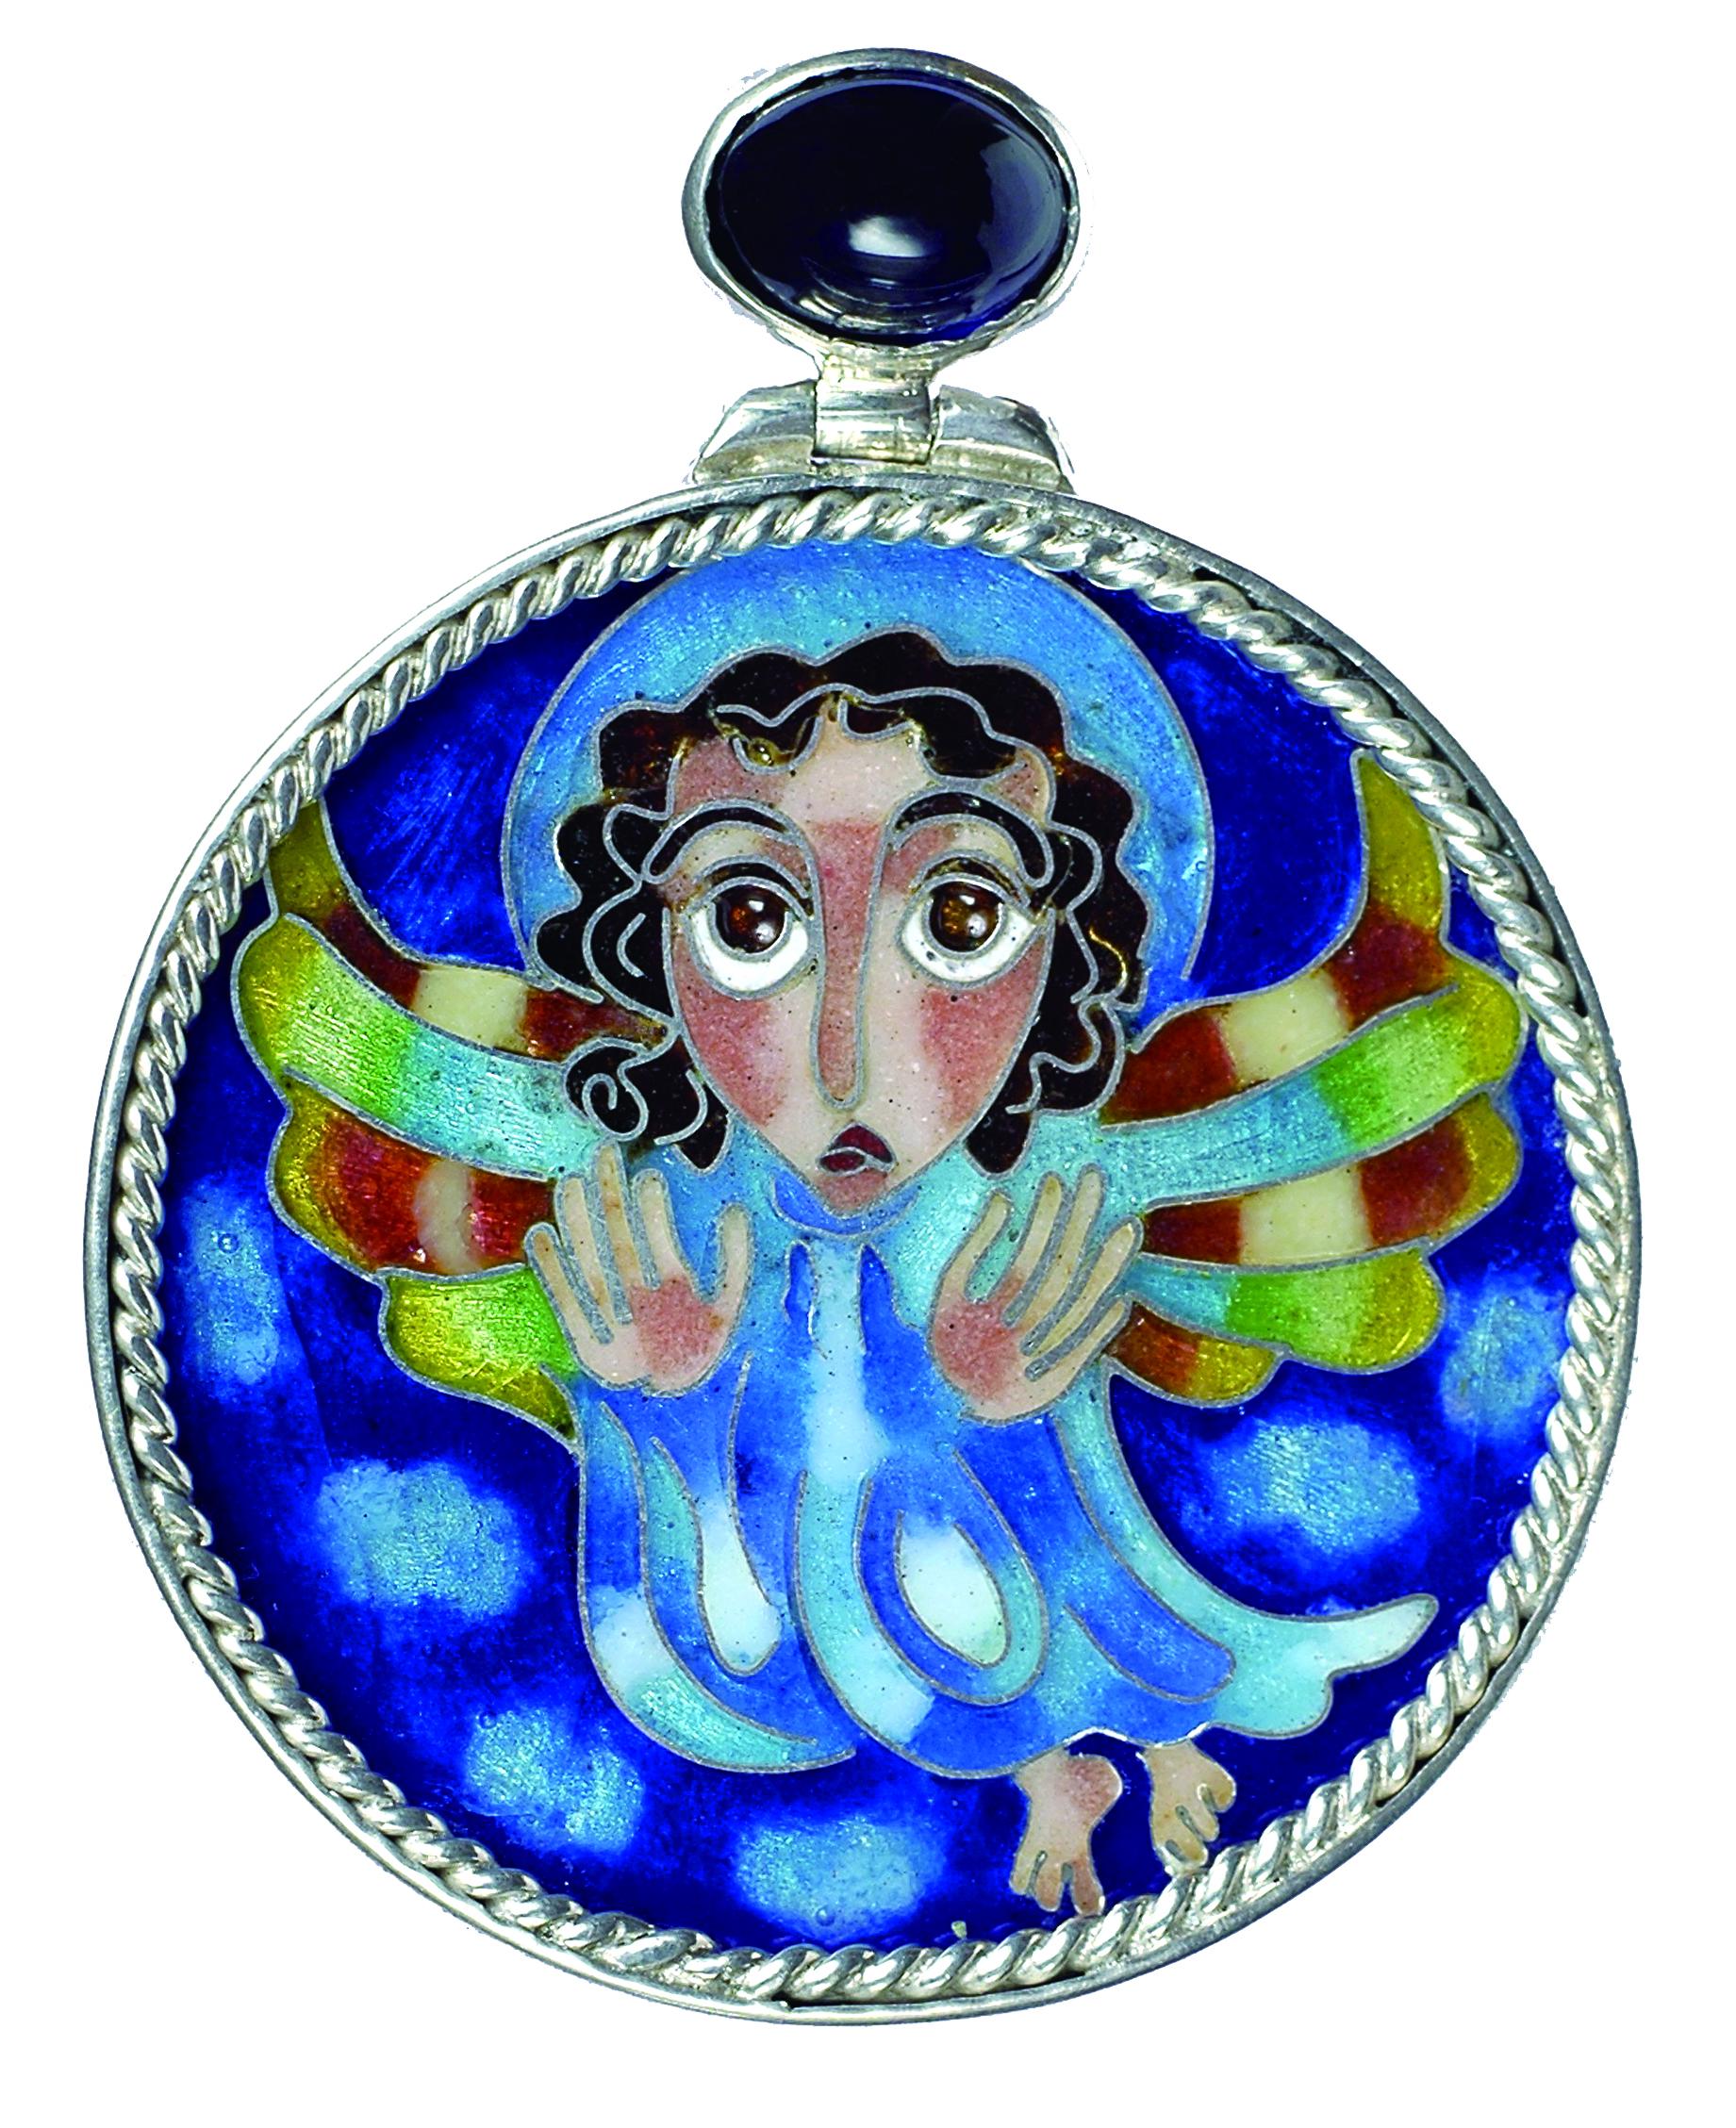 喬治雅琺瑯工藝能夠表現人像的時代感與趣味。.jpg